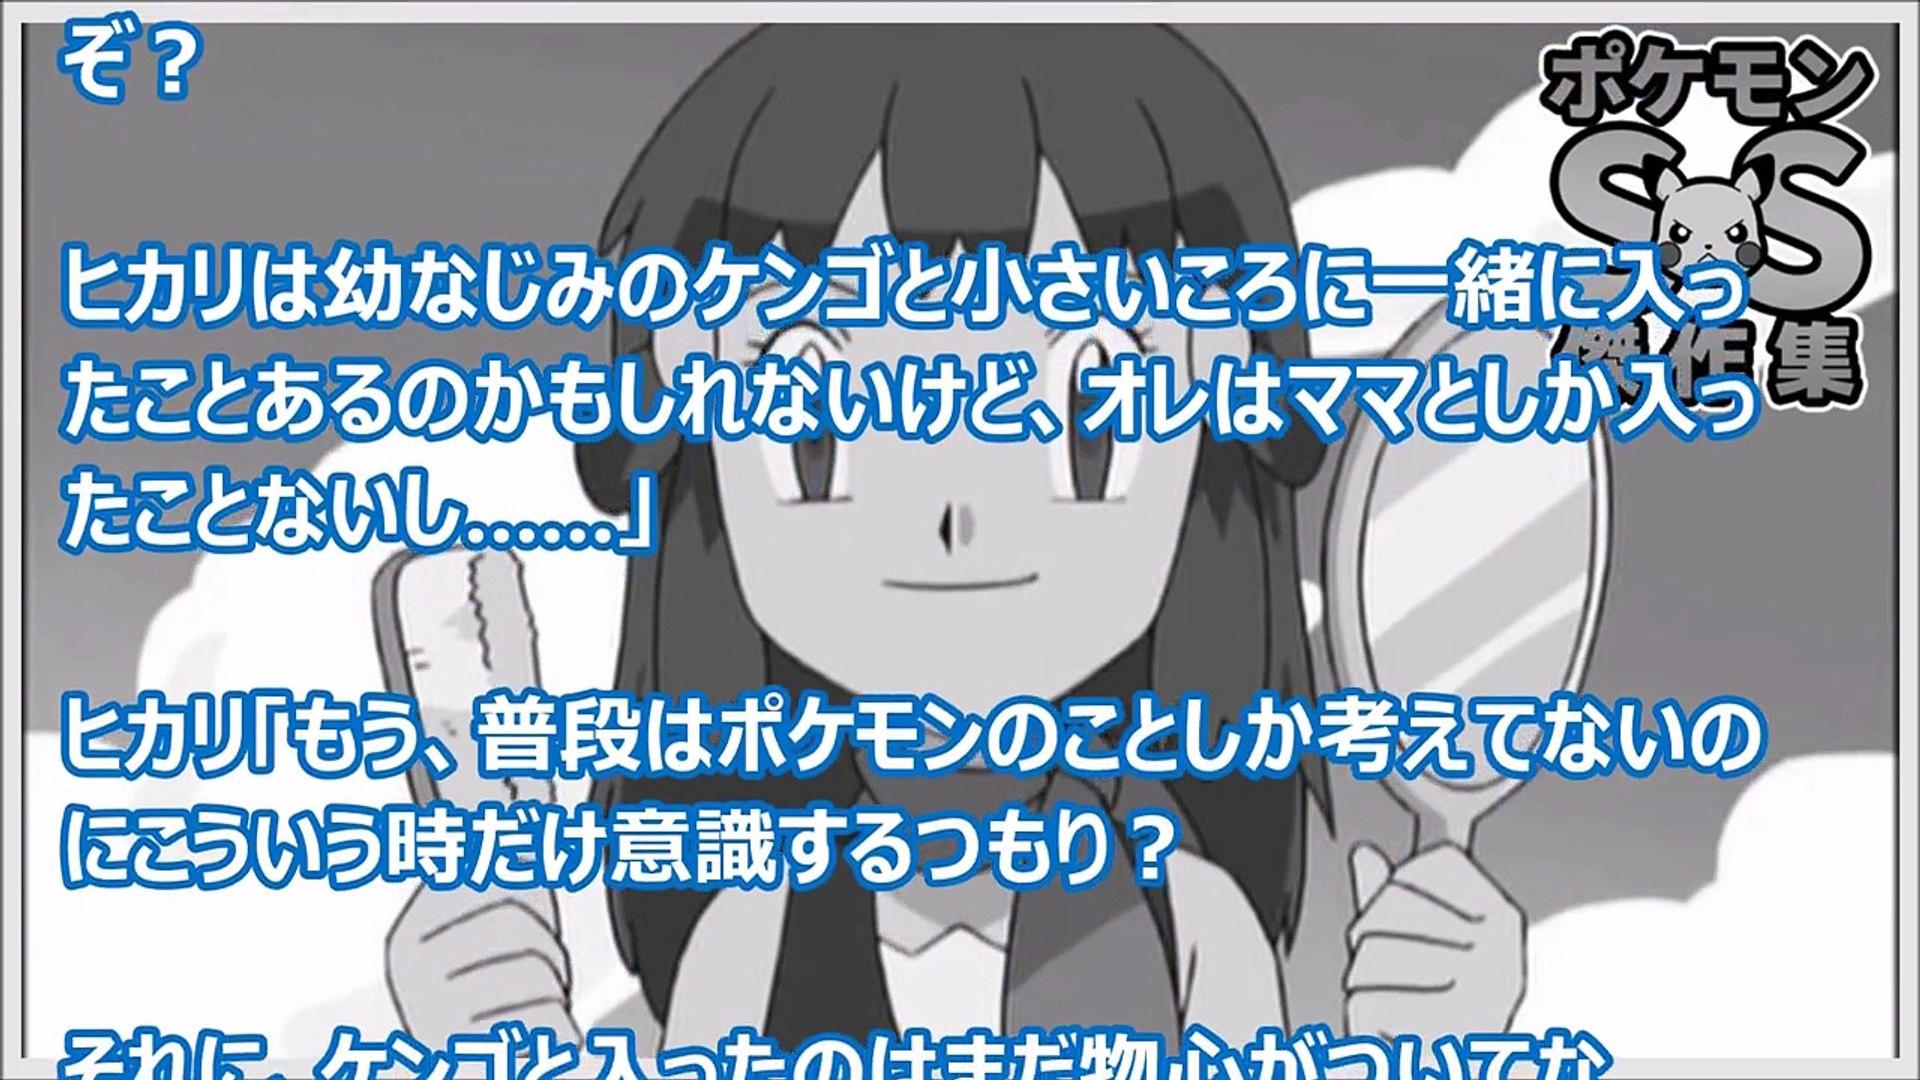 Ss サトシ ポケモン